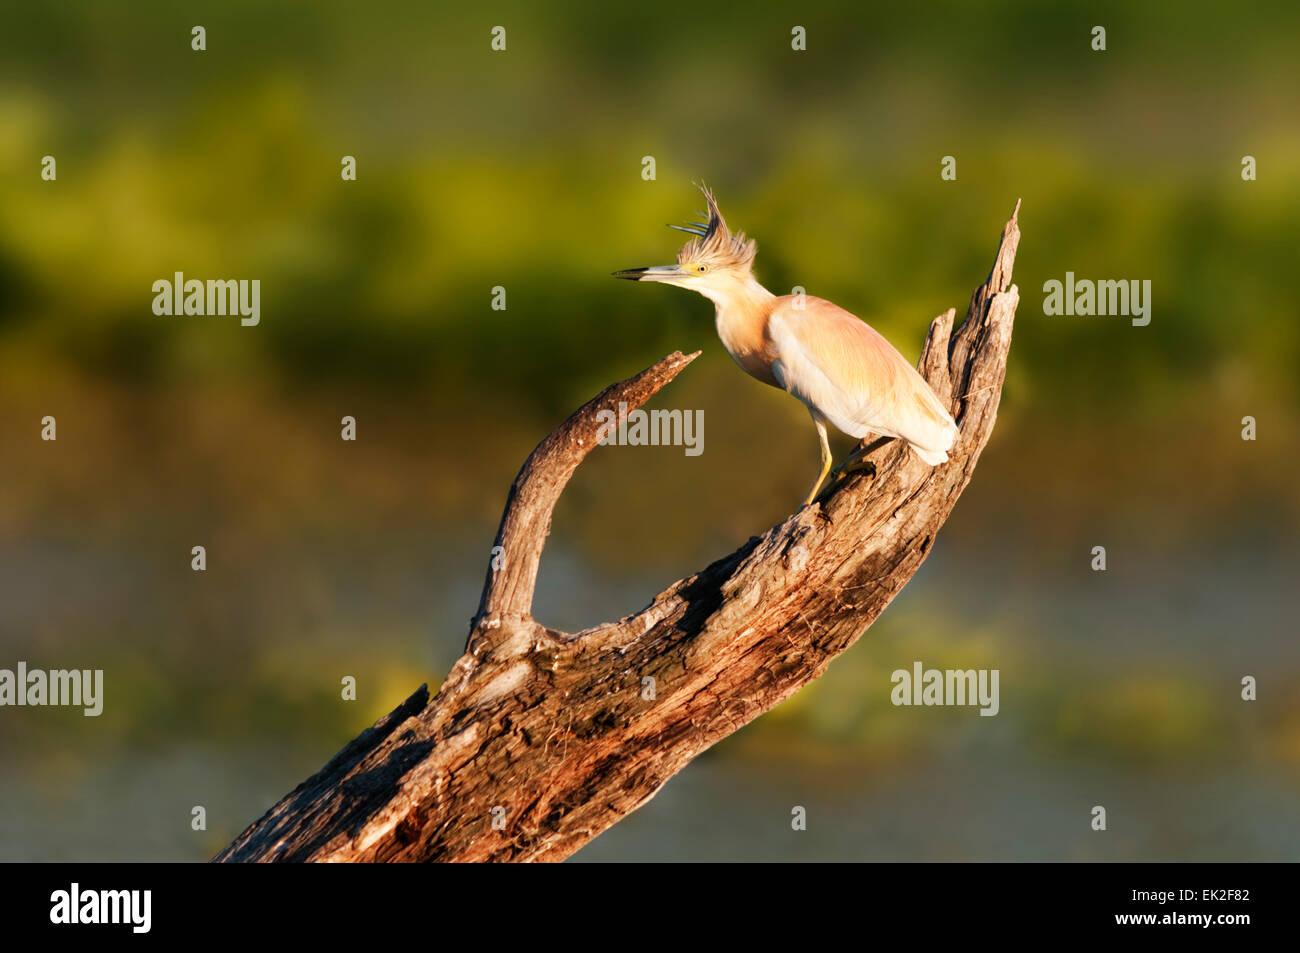 Ein Rallenreiher auf einem Baumstamm in einem Sumpf Stockfoto